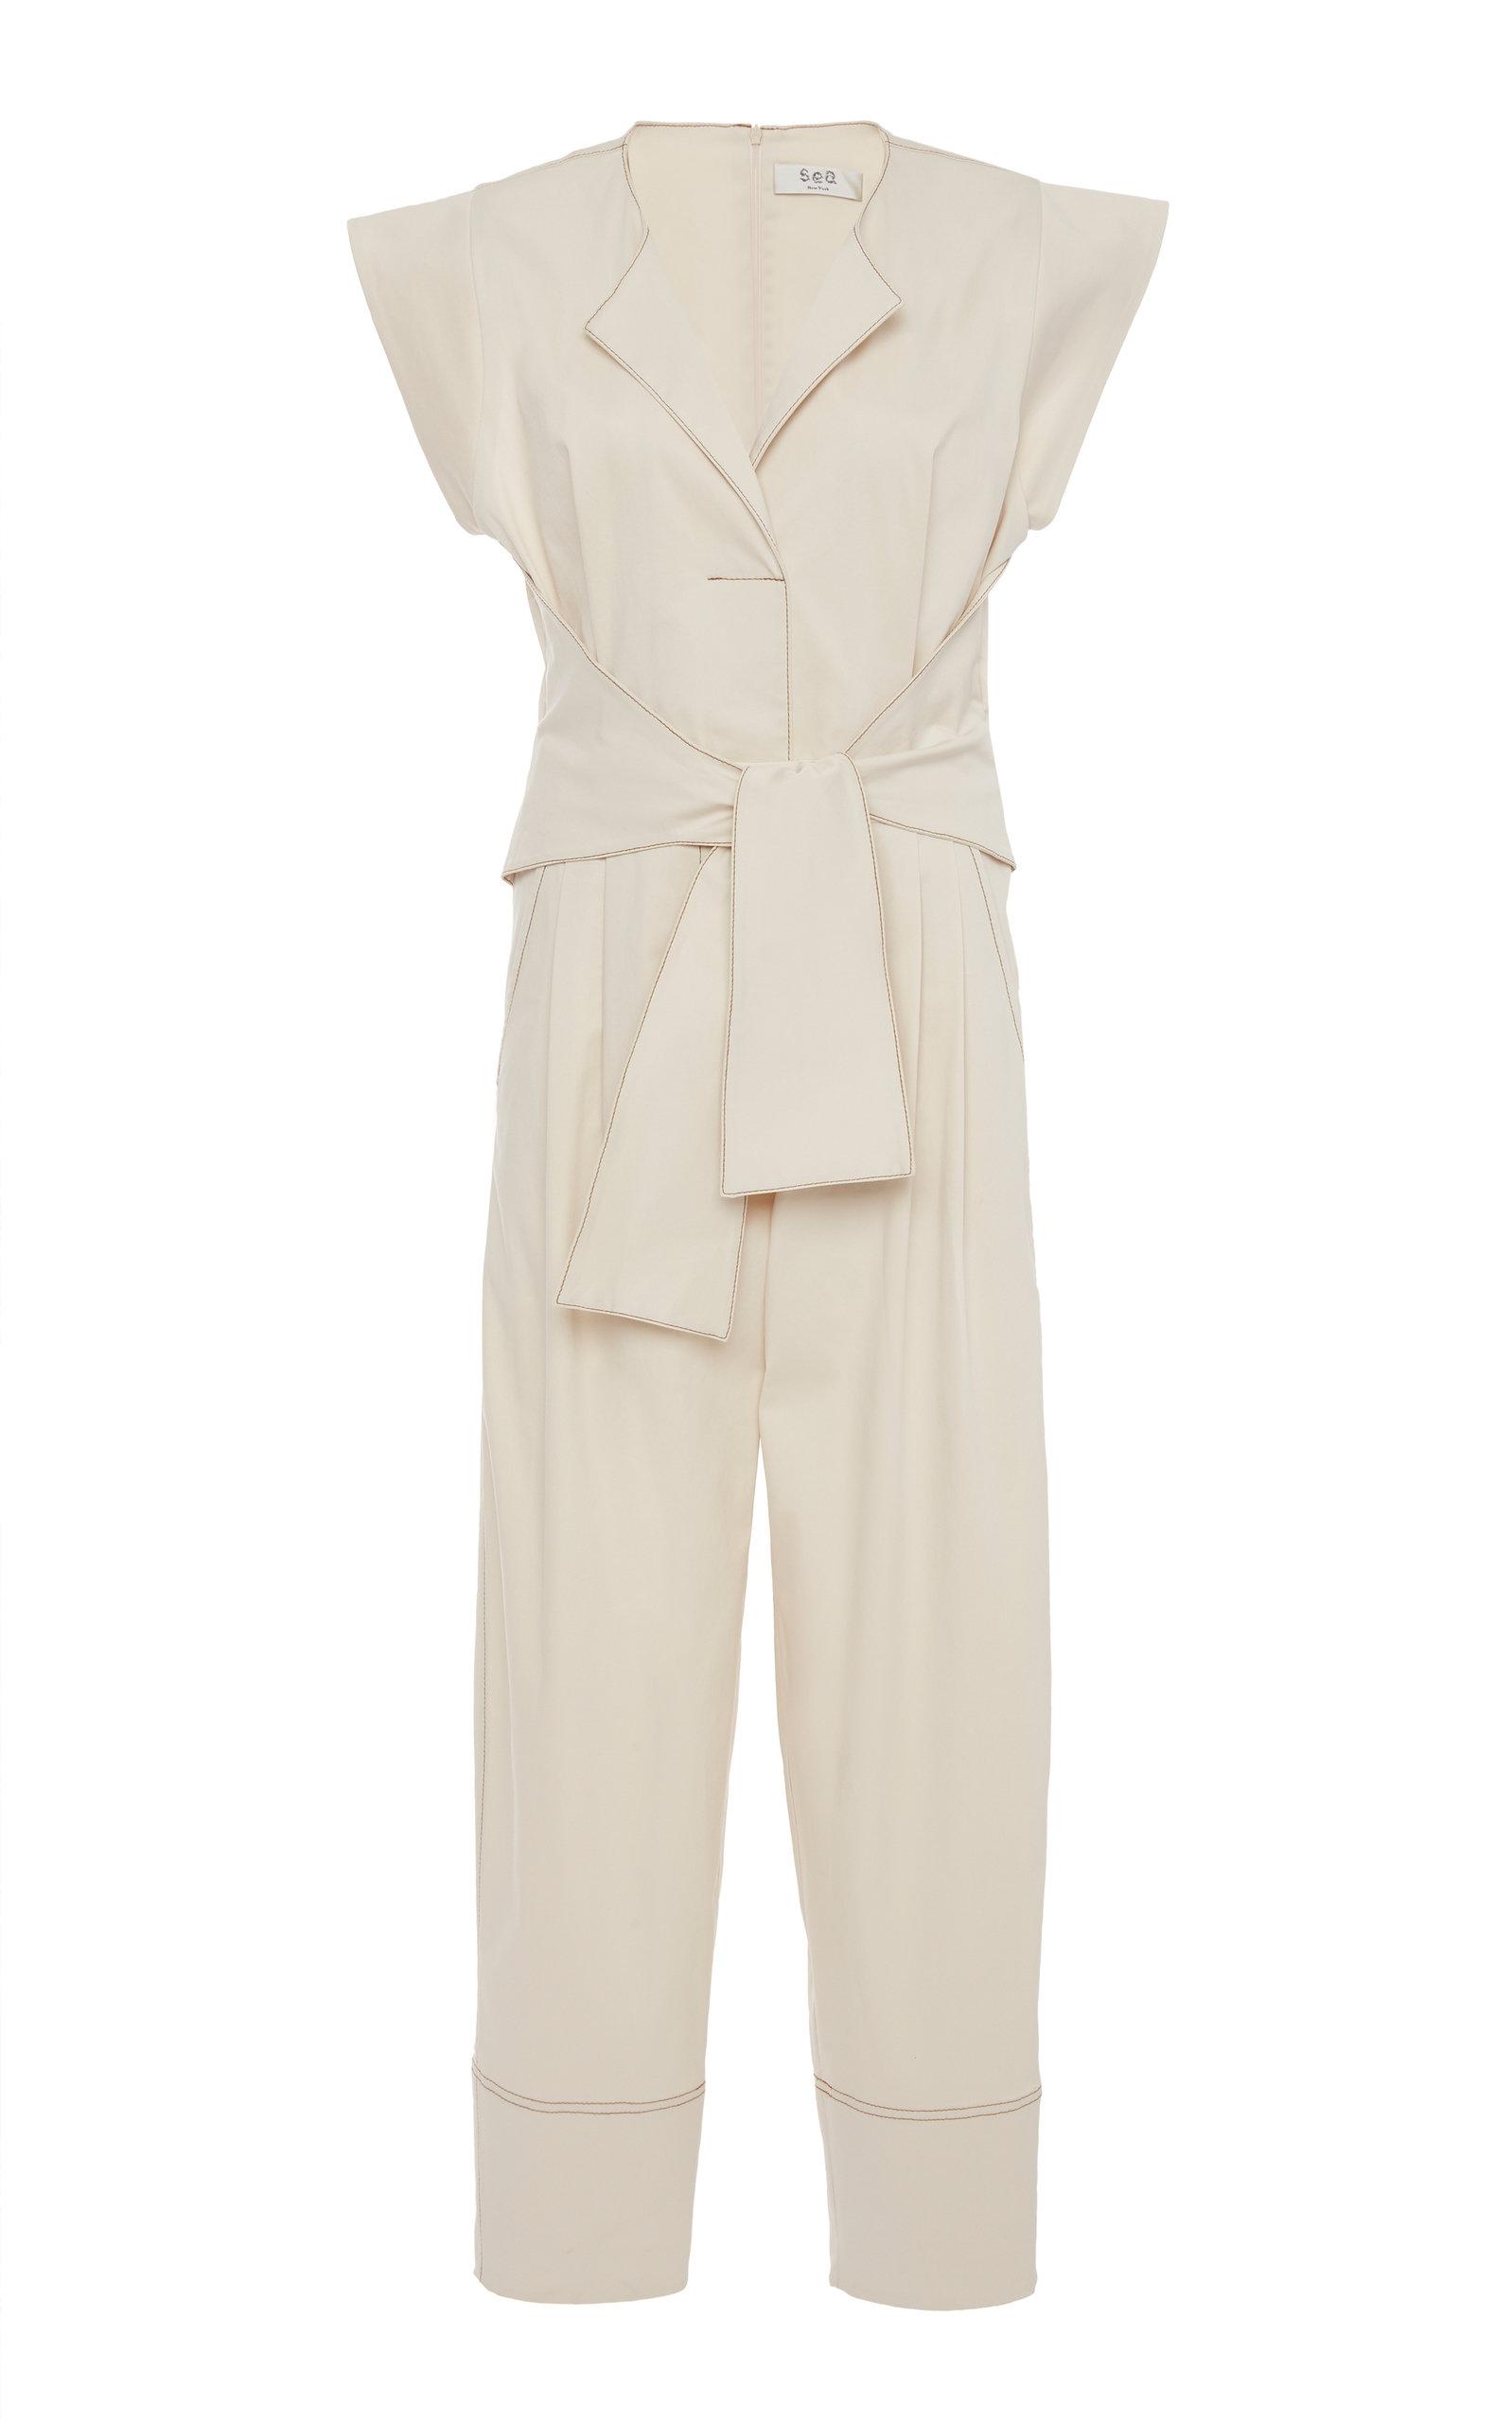 618ec474d93 SeaStella cotton blend jumpsuit. CLOSE. Loading